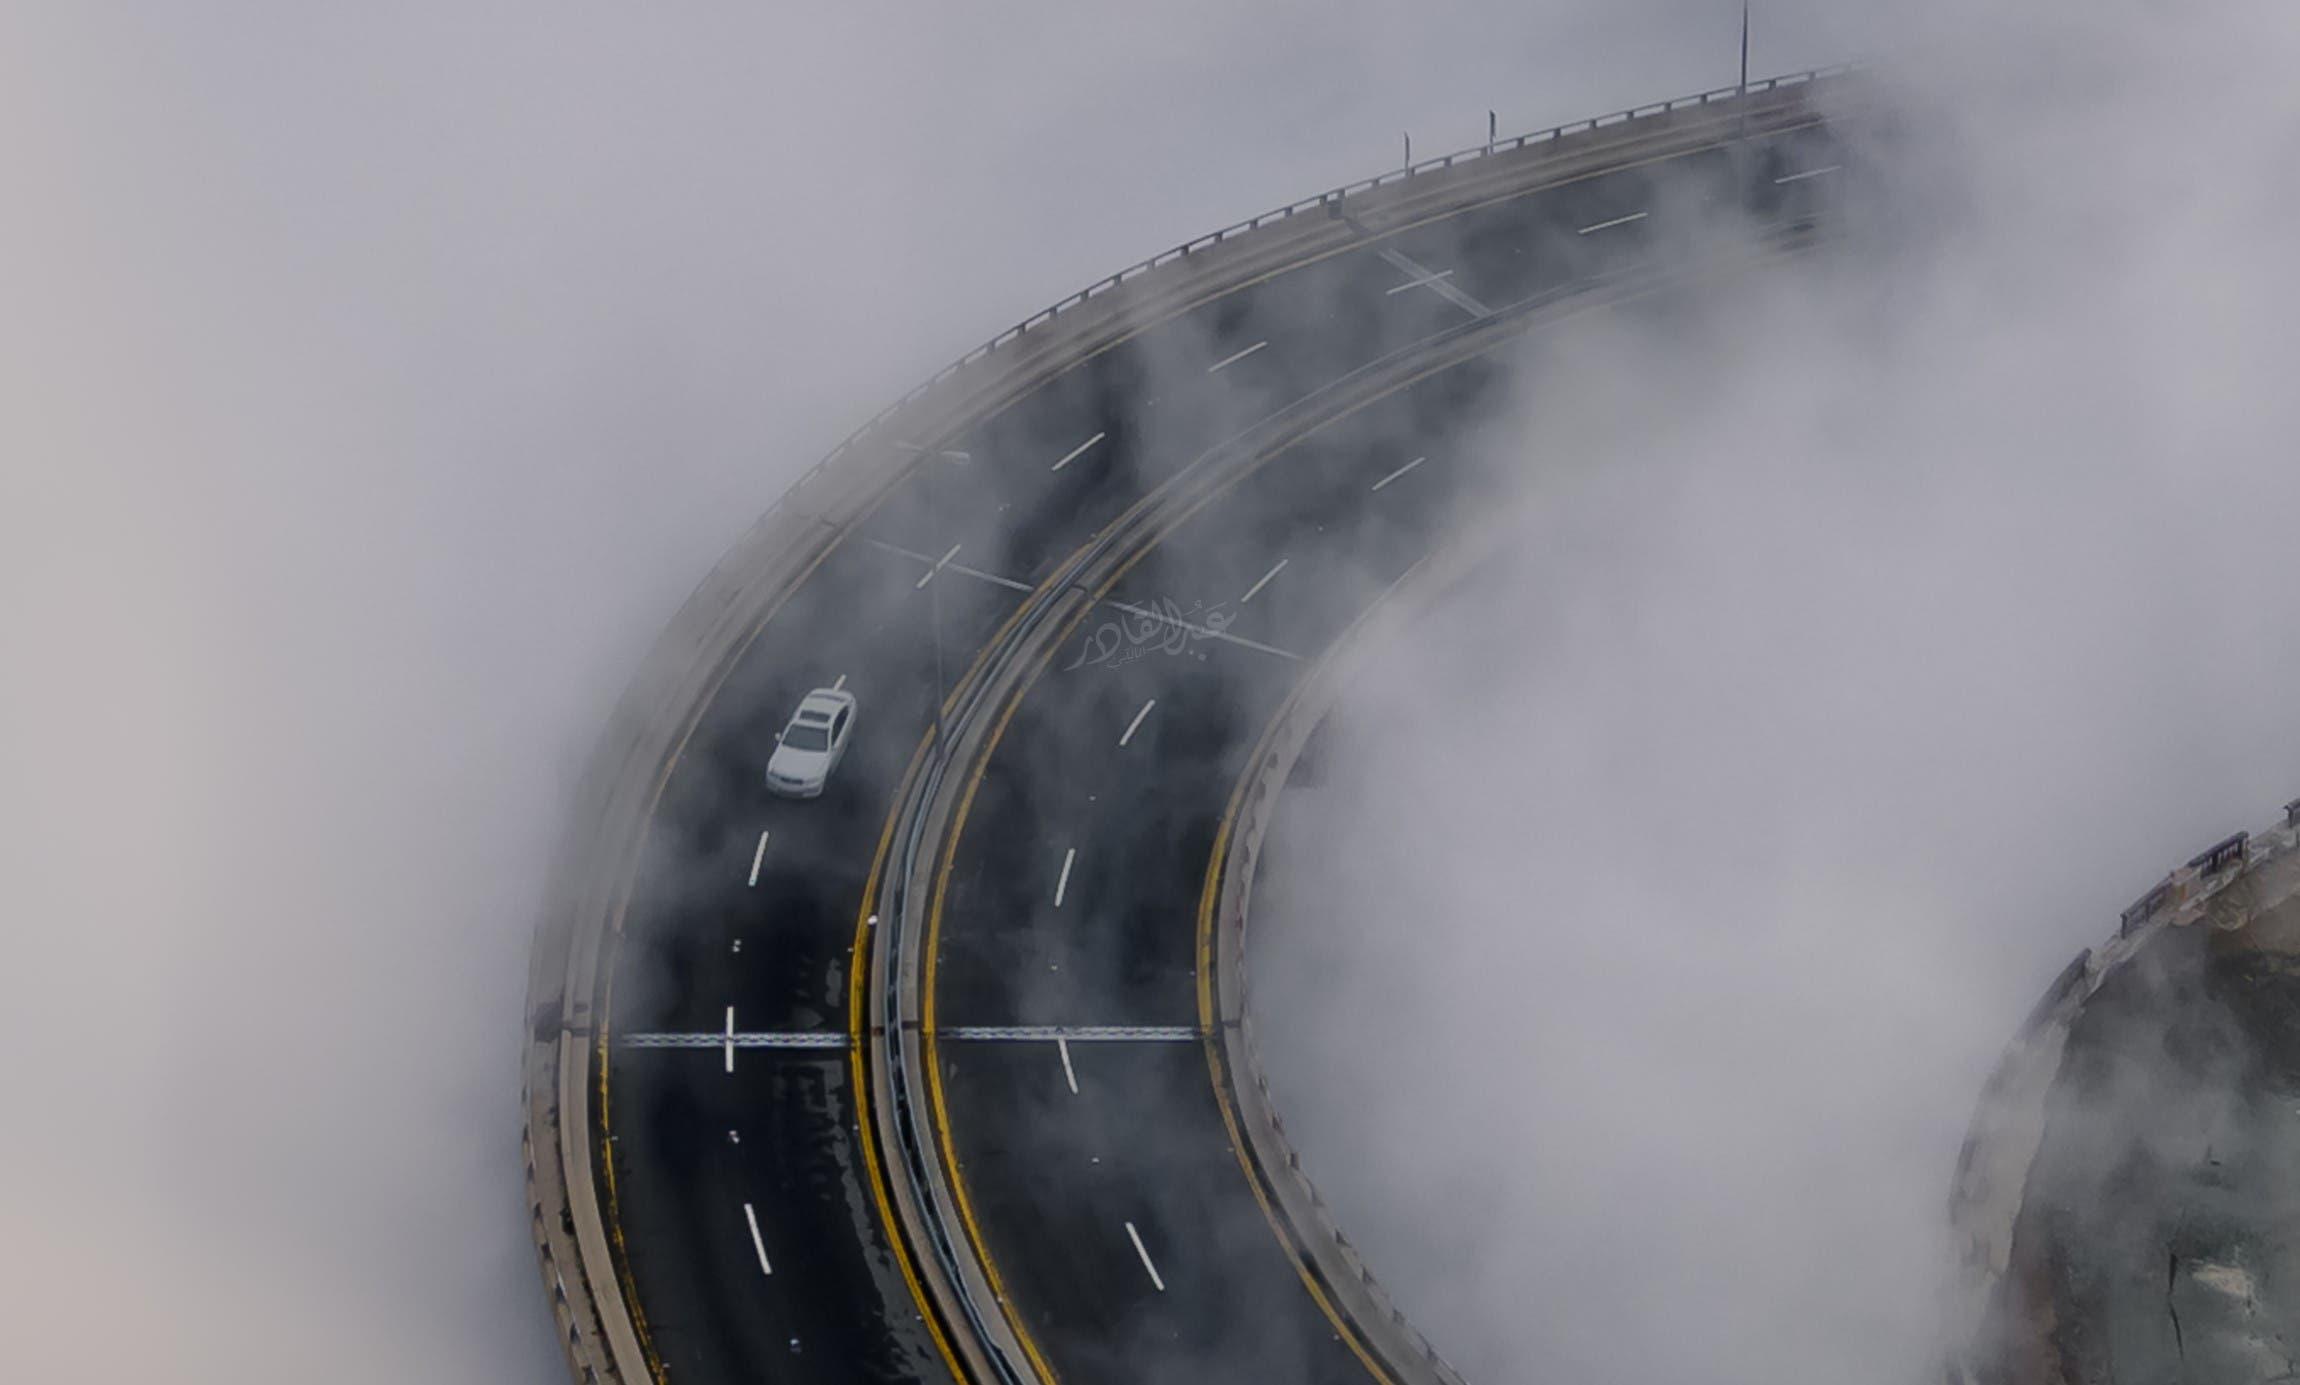 الضباب يغطي الطريق الحلزوني بالطائف